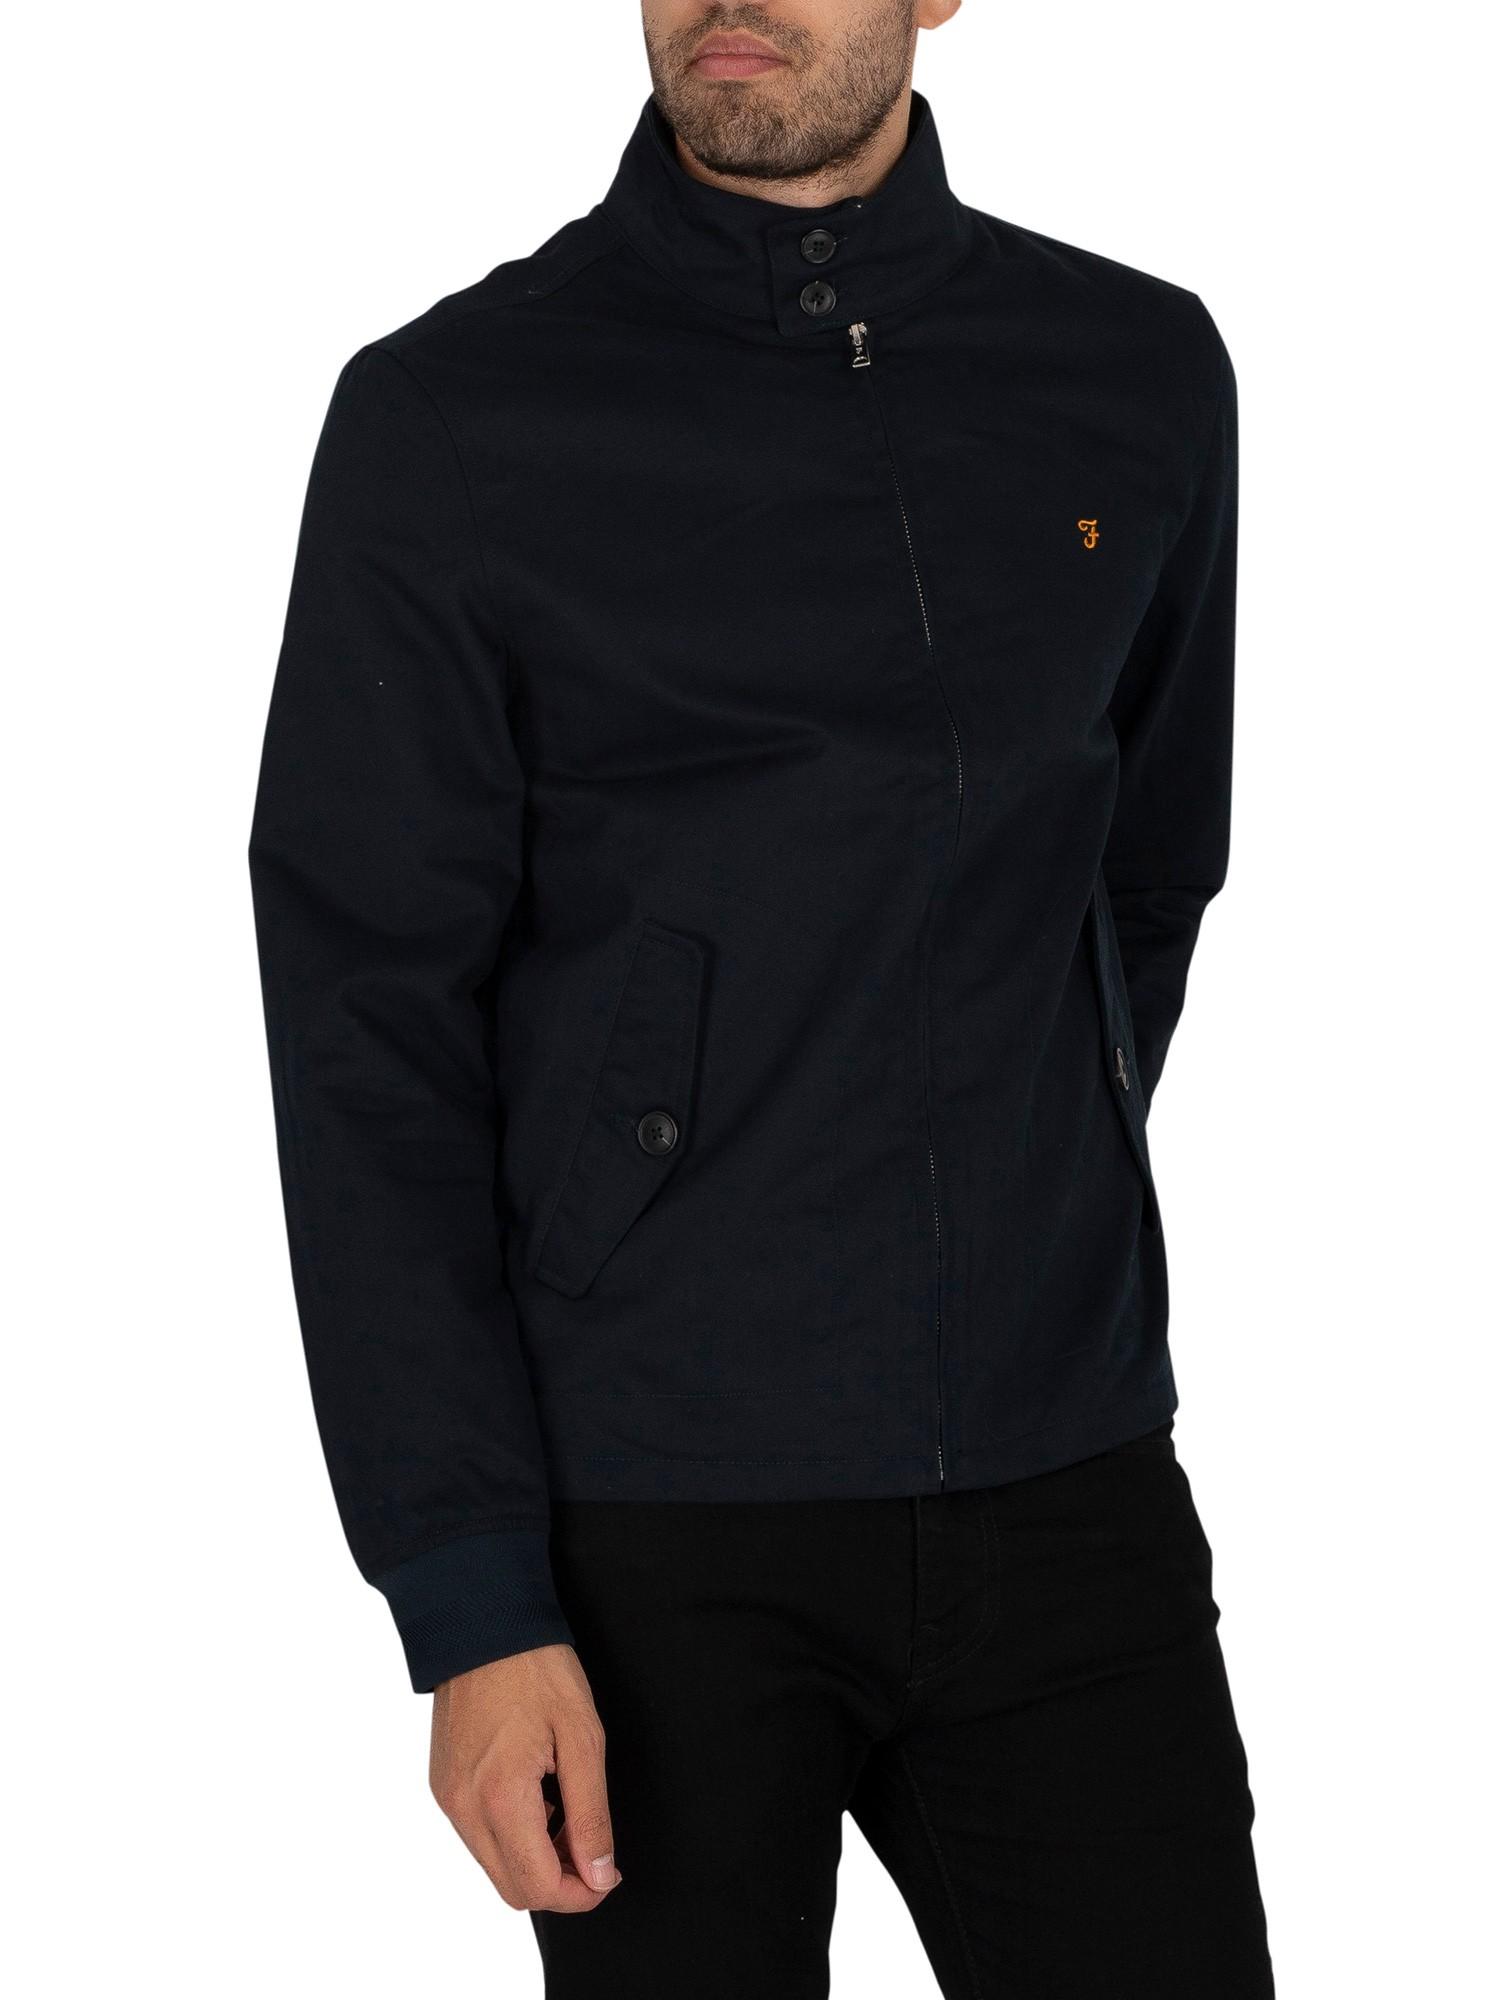 Hardy-Harrington-Jacket